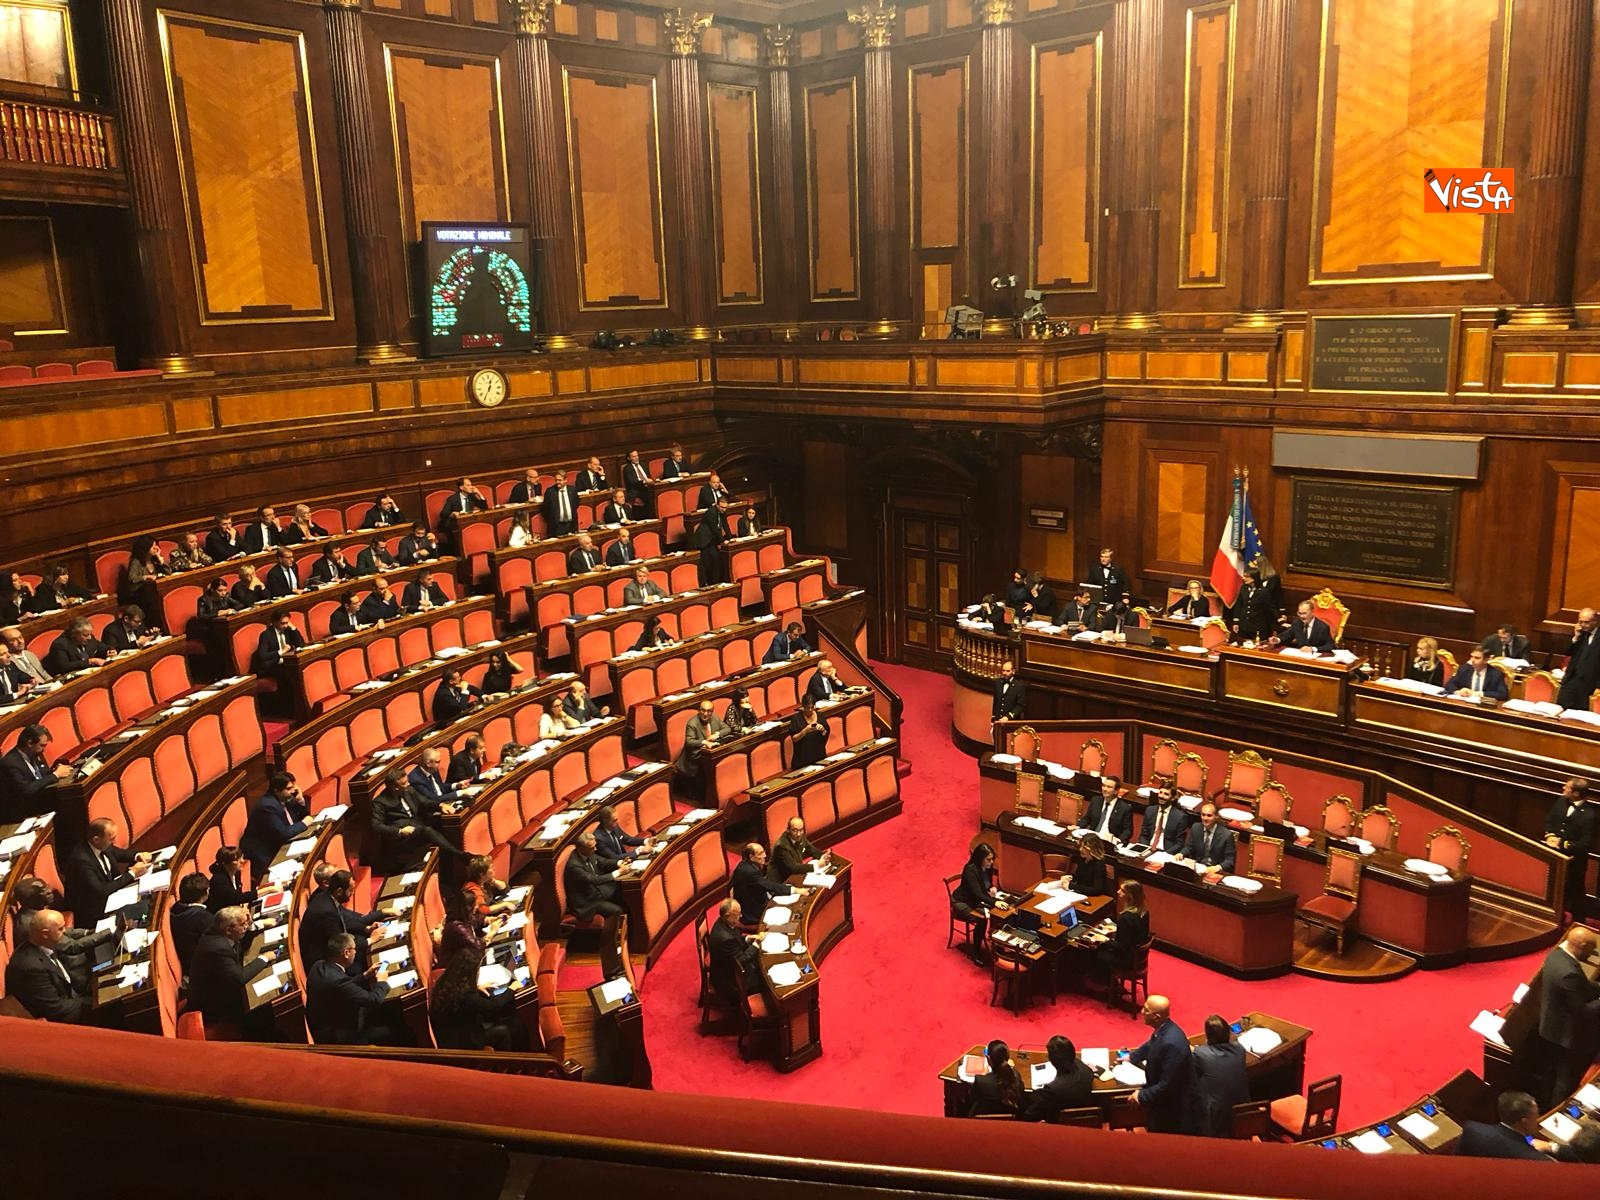 L'aula del Senato_02